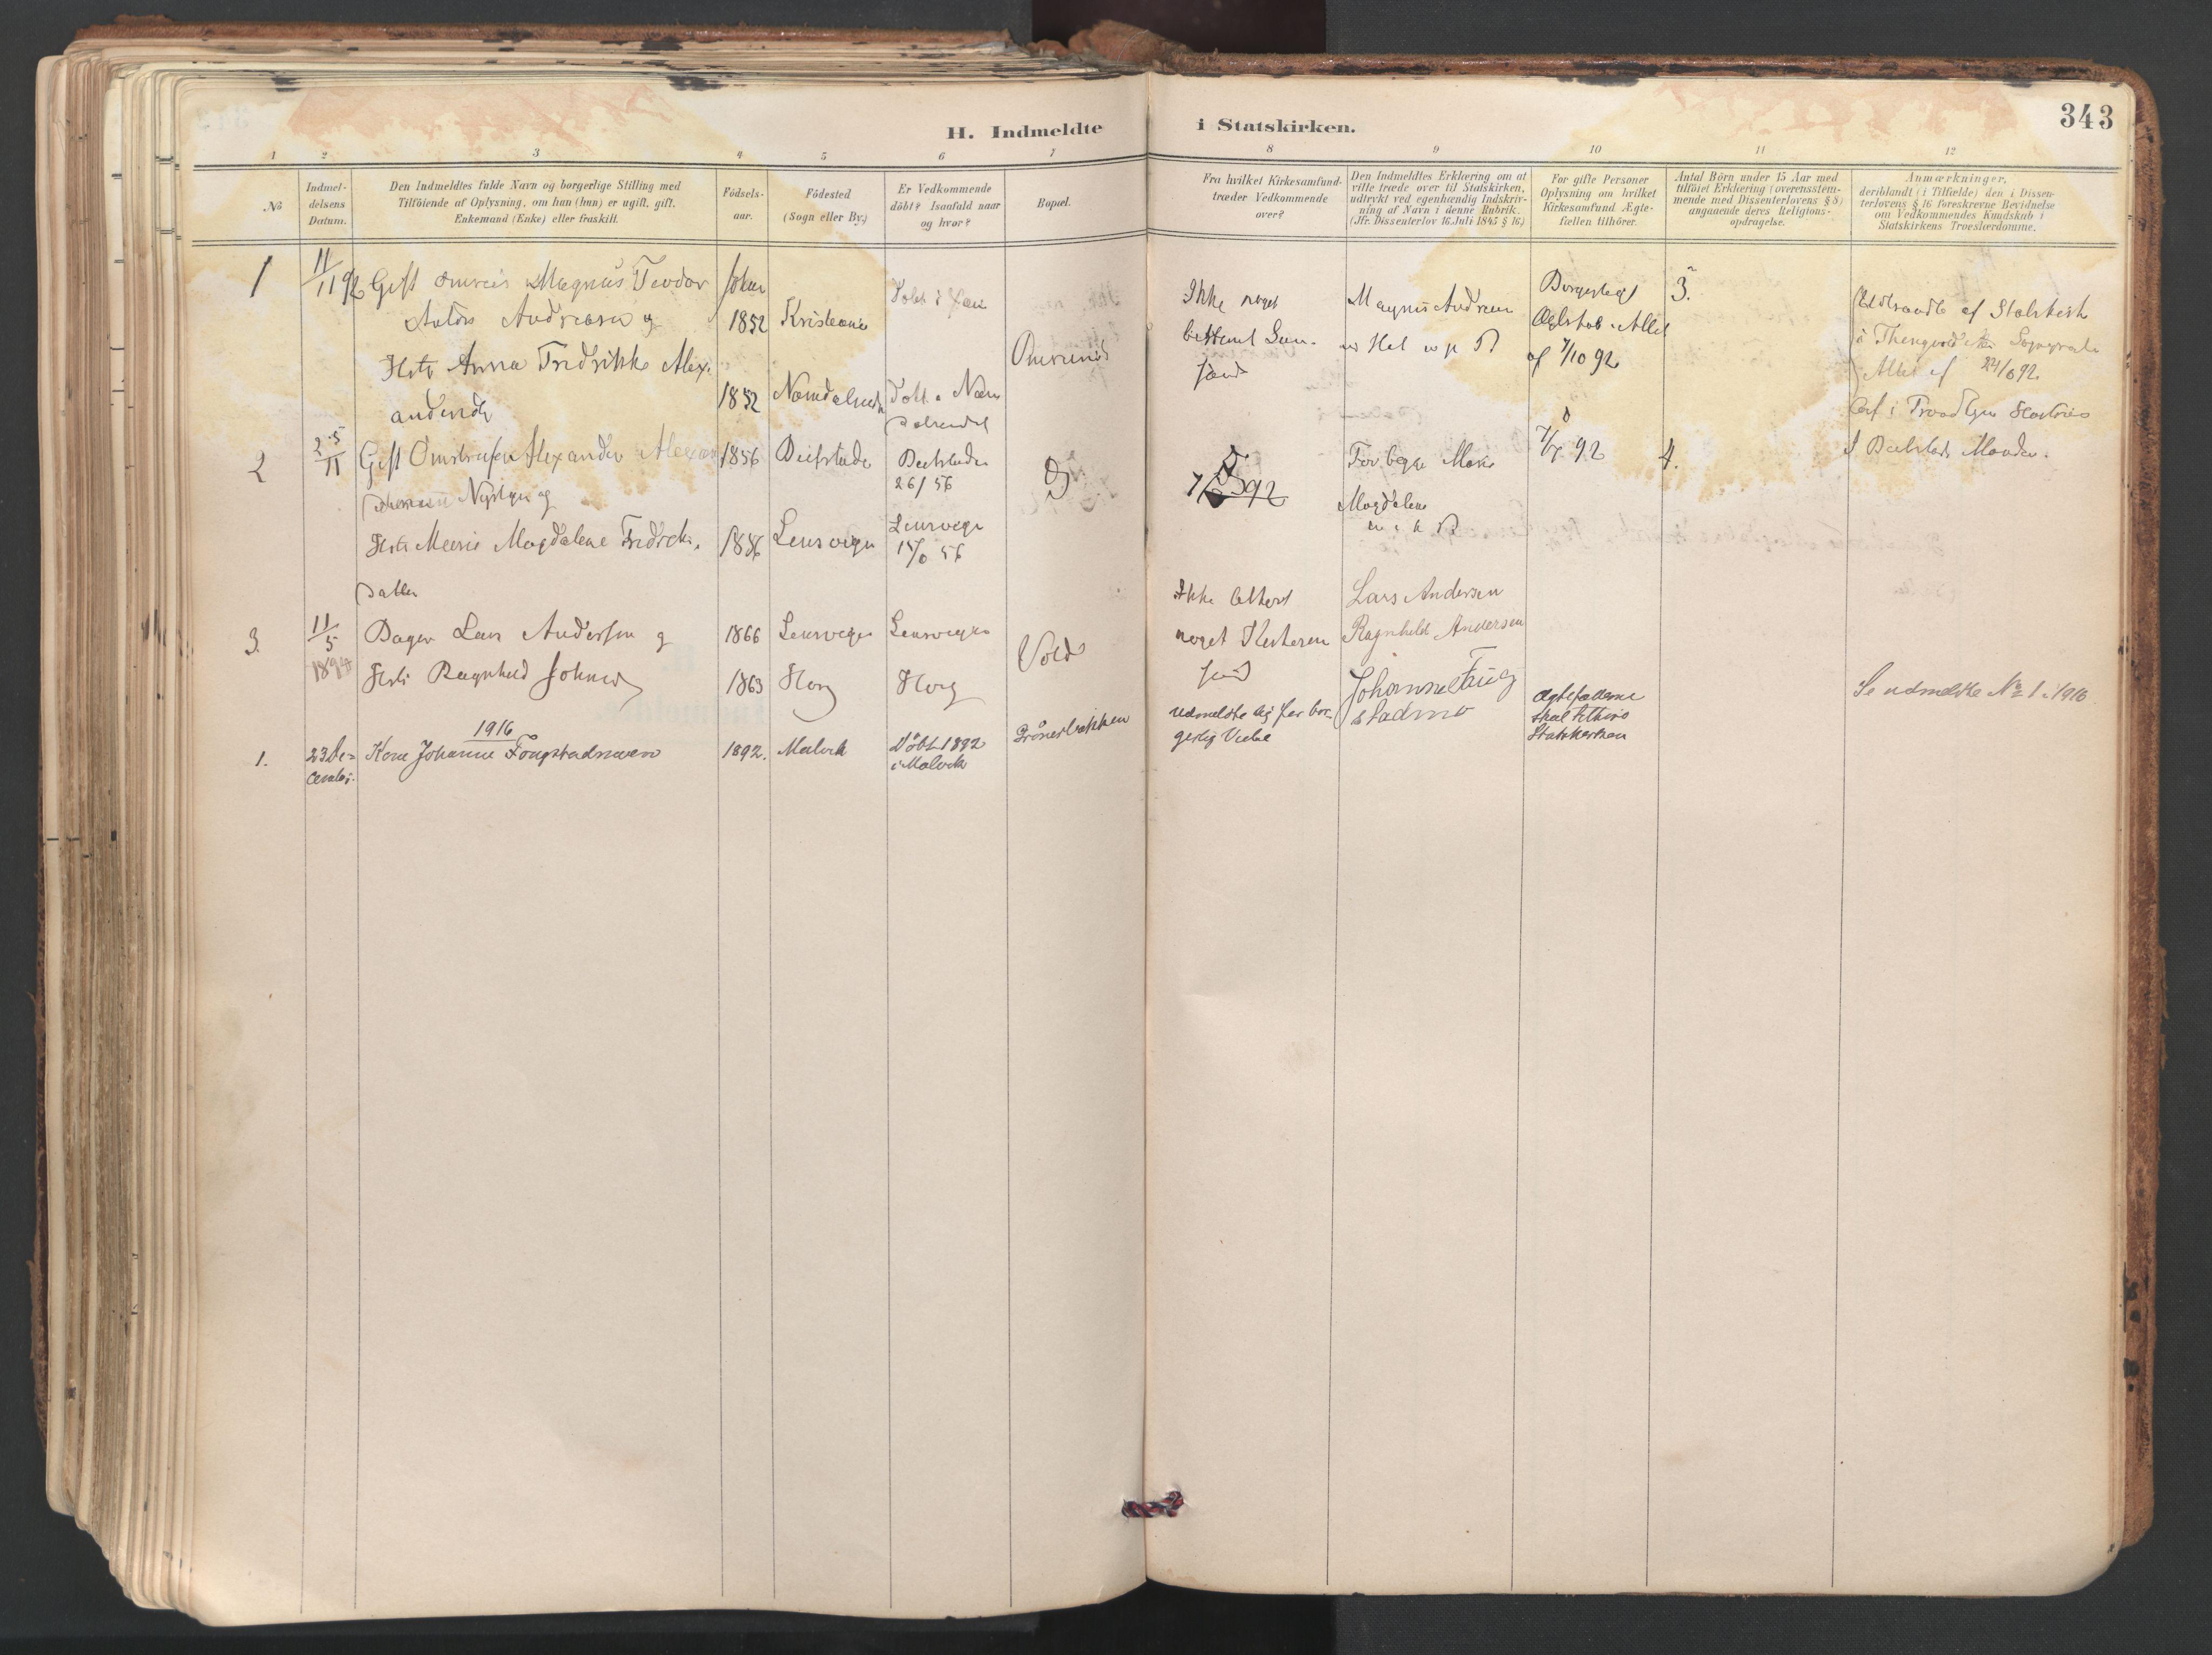 SAT, Ministerialprotokoller, klokkerbøker og fødselsregistre - Sør-Trøndelag, 687/L1004: Ministerialbok nr. 687A10, 1891-1923, s. 343